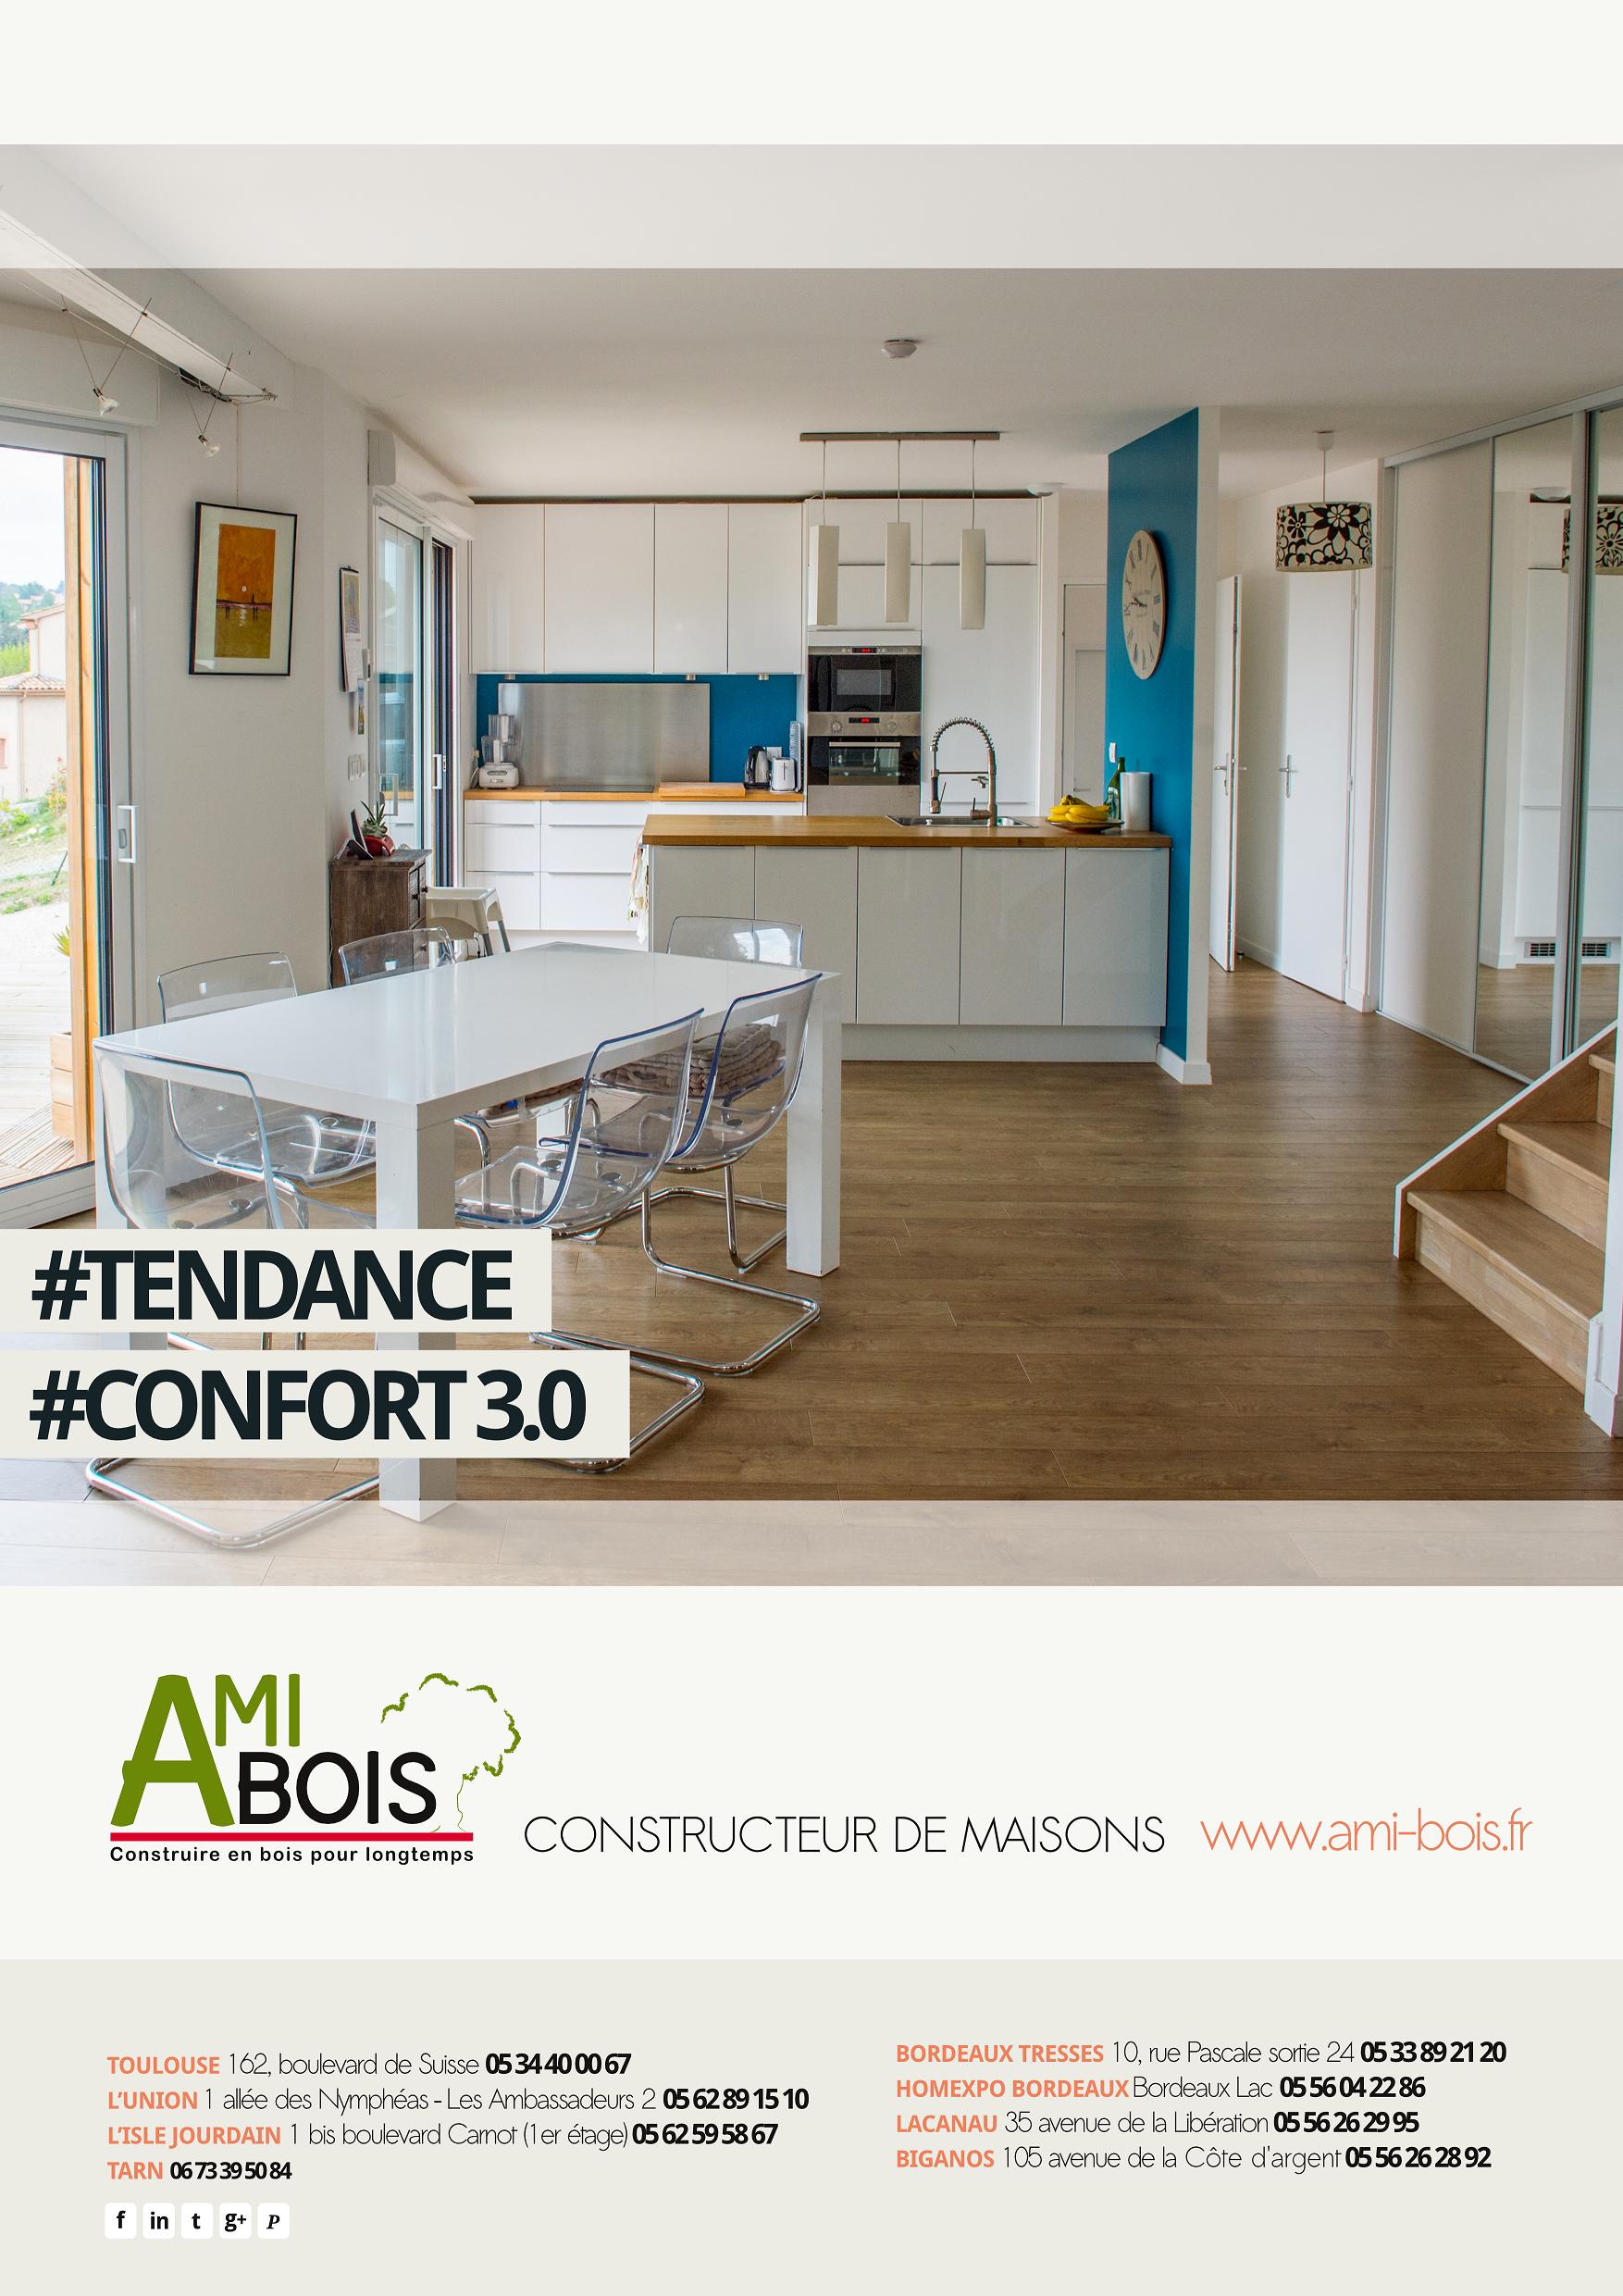 AMI BOIS Constructeur de maisons TENDANCE CONFORT 3 0